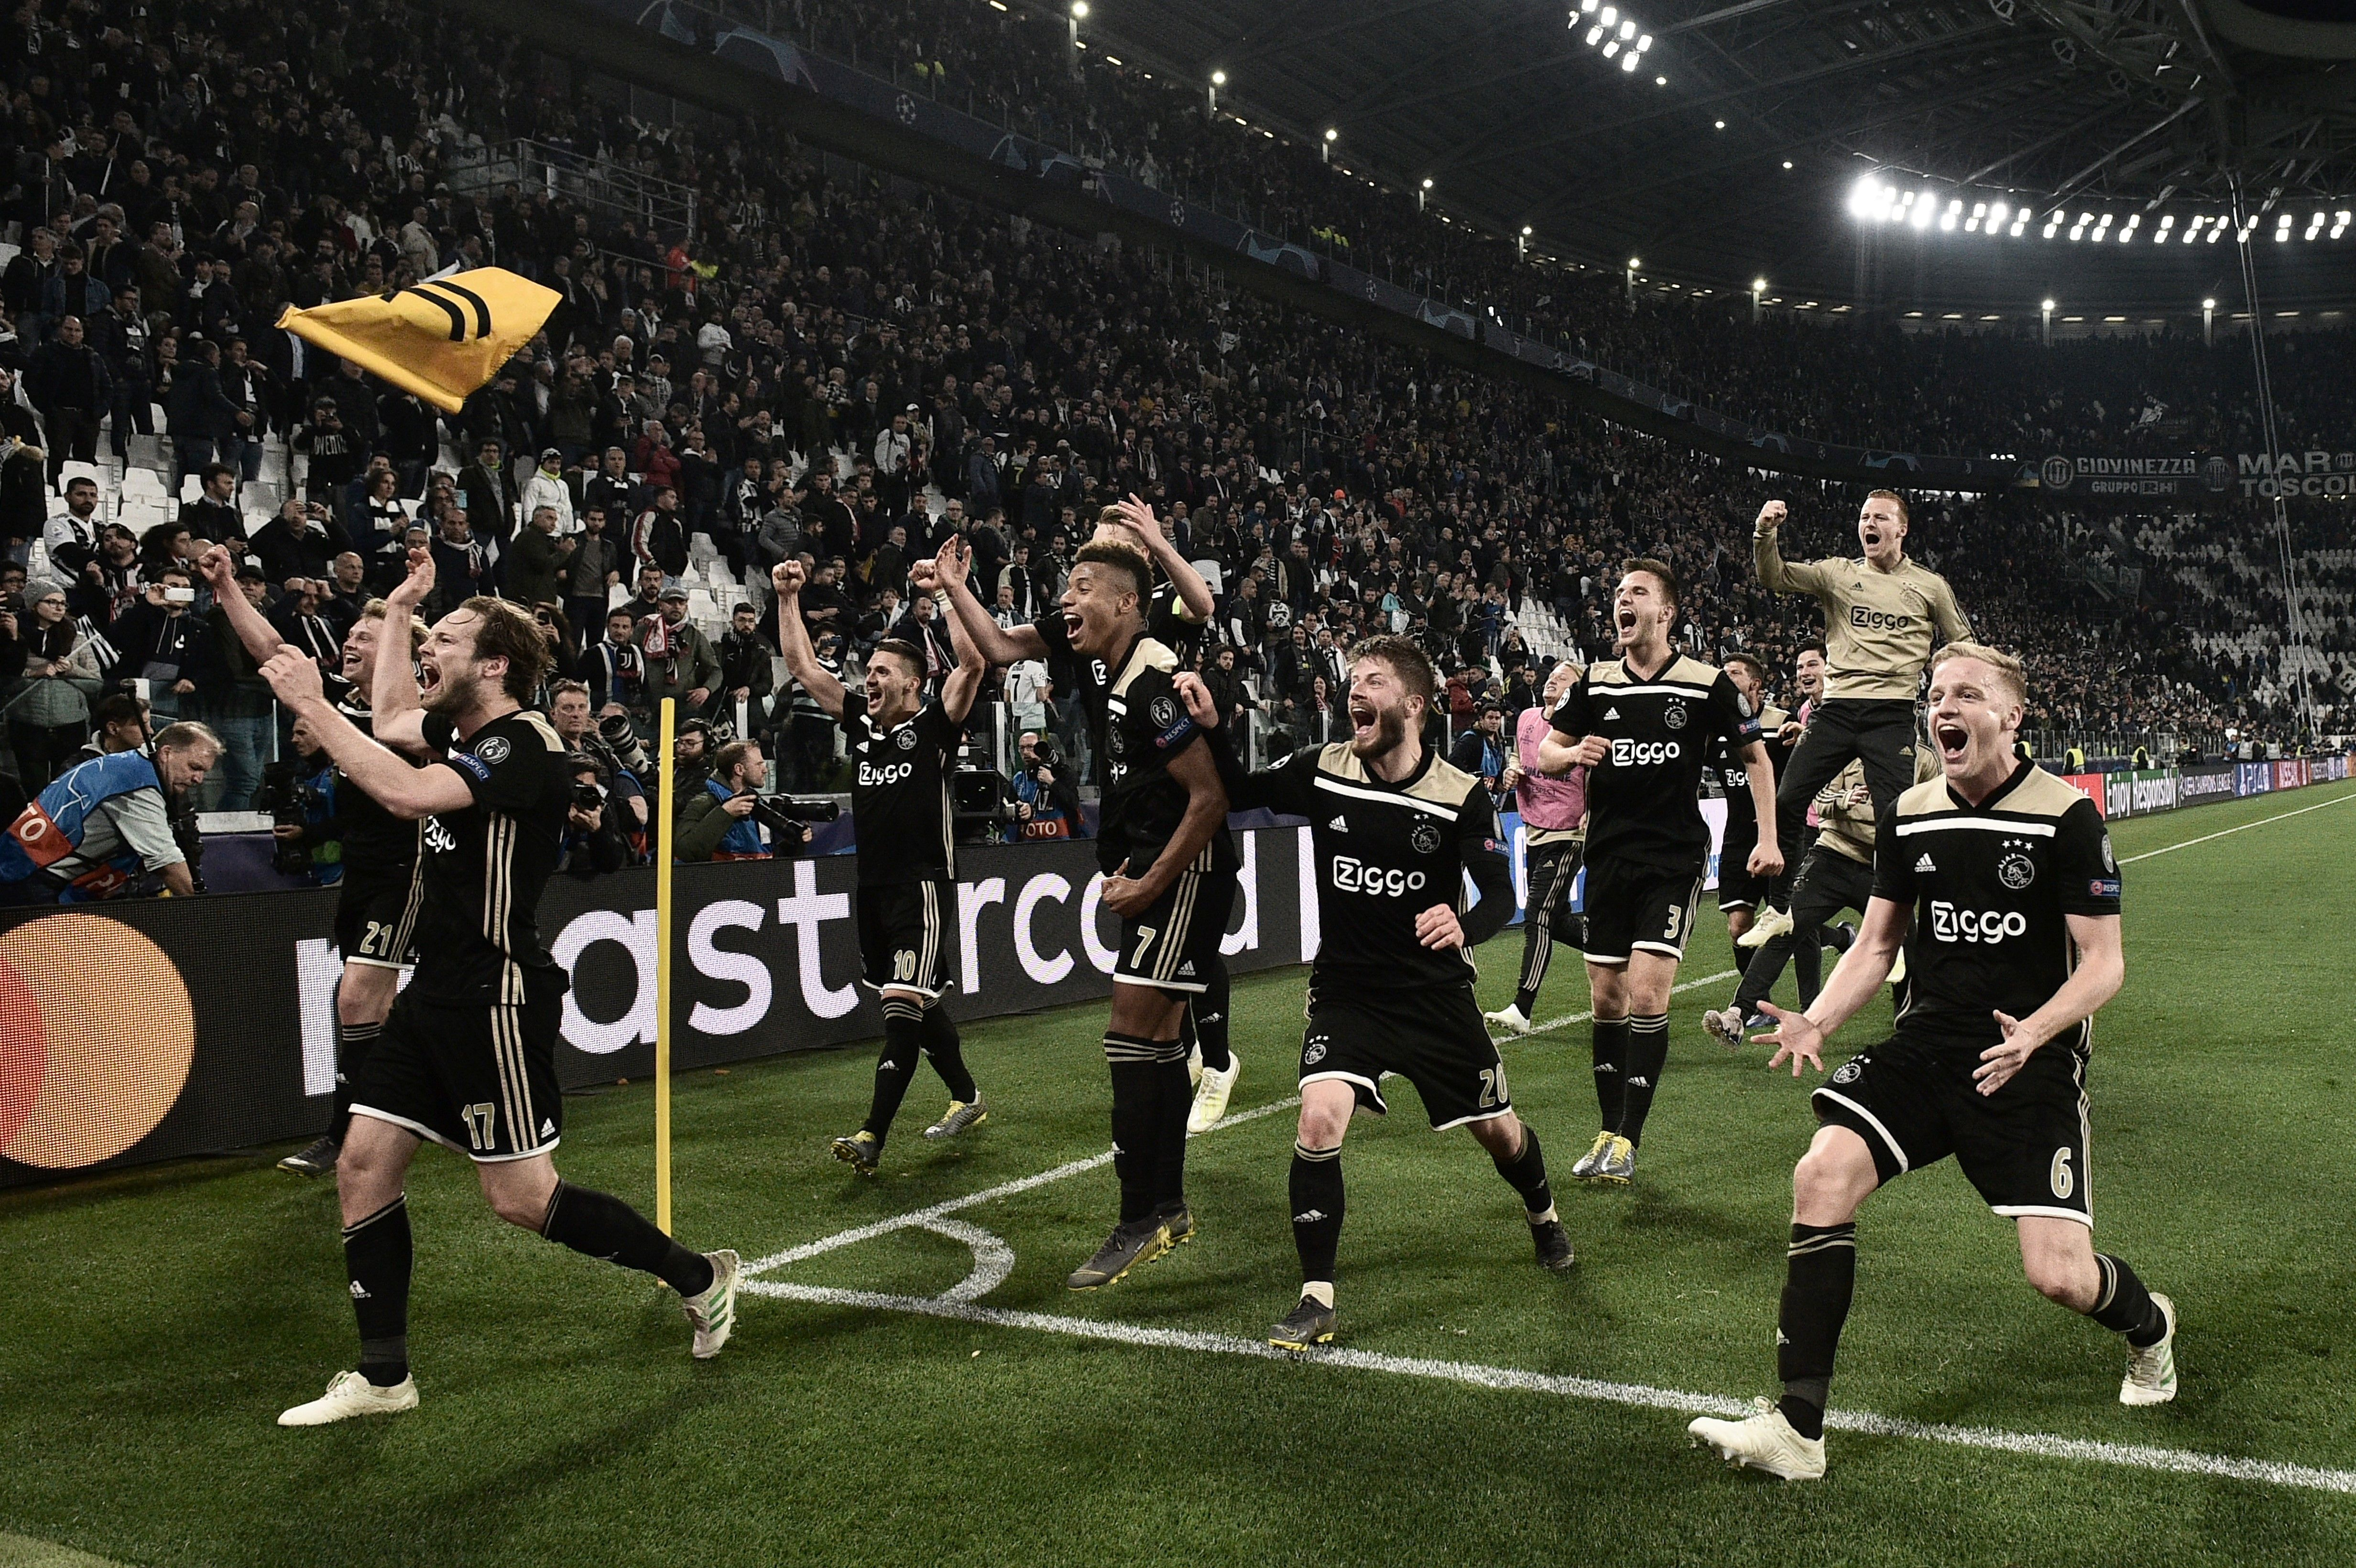 歐冠八強:阿賈克斯淘汰尤文